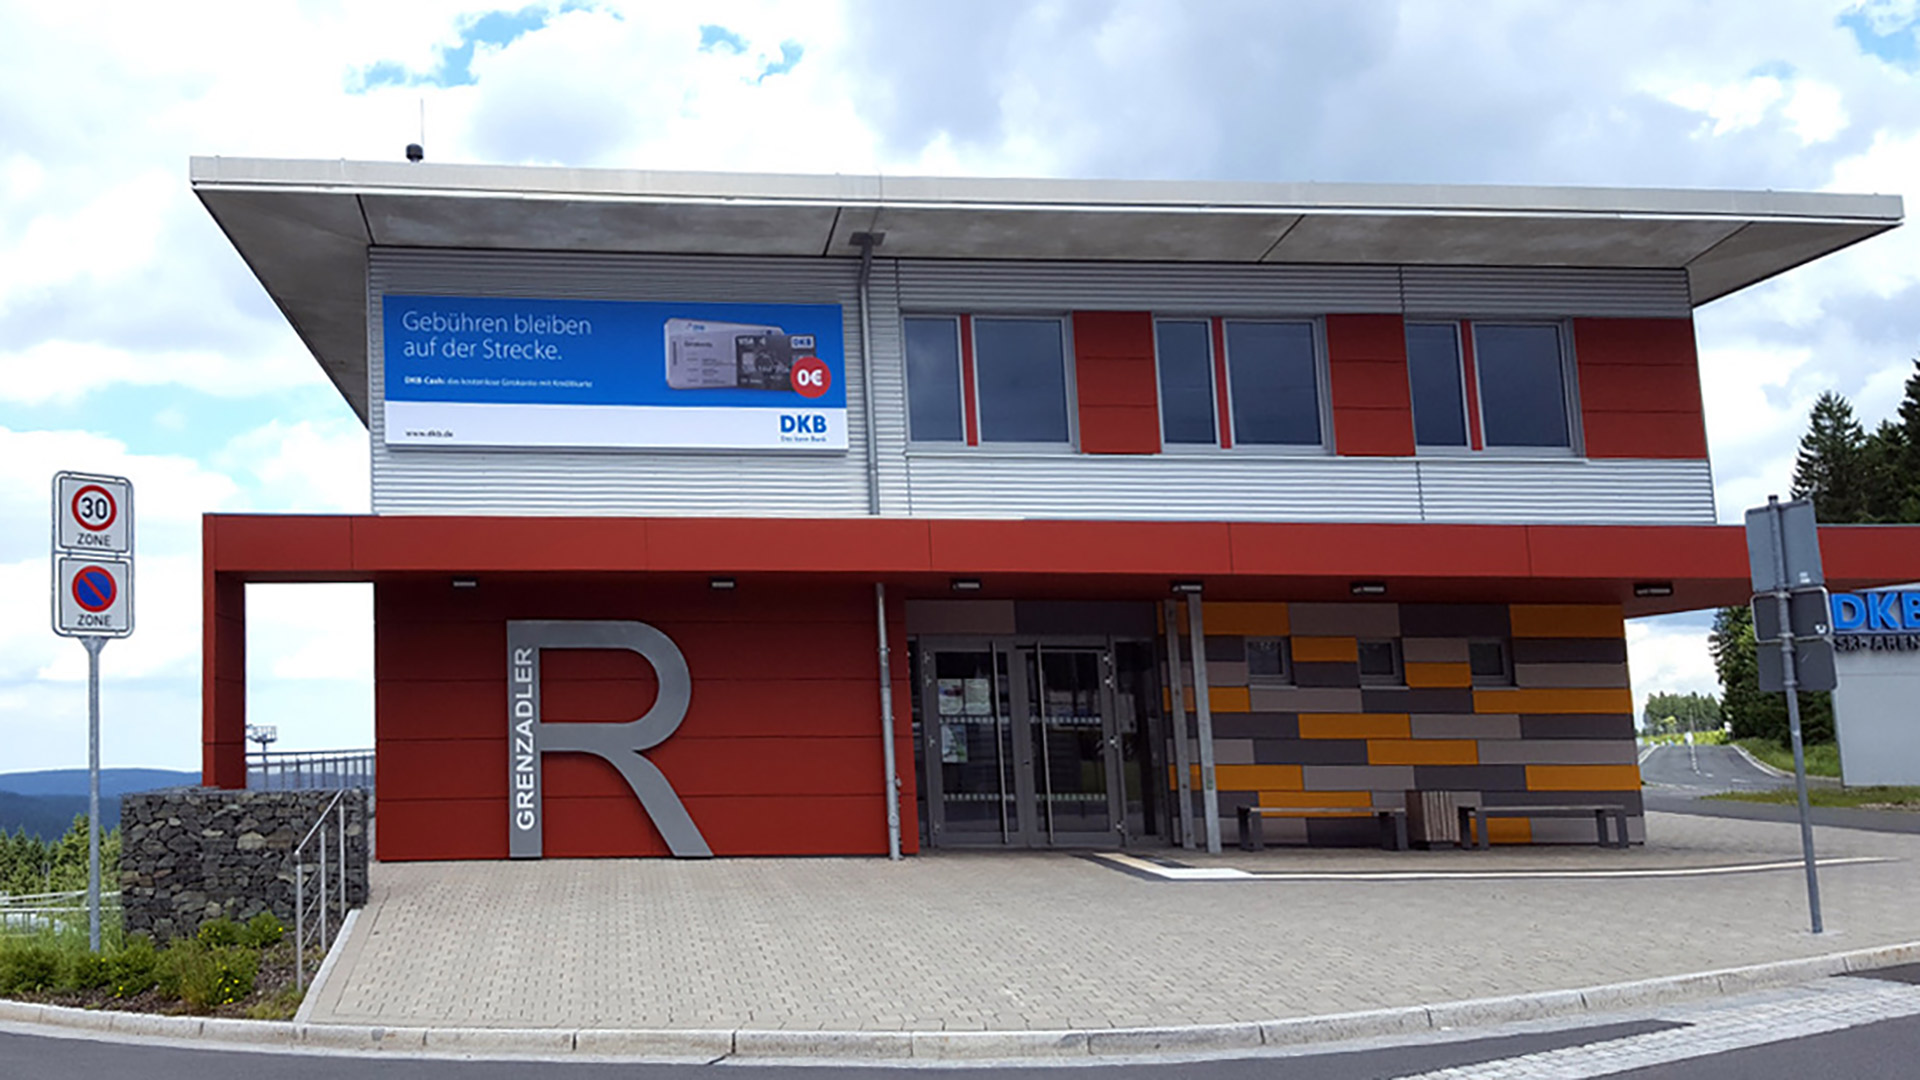 Bank-DKB-Thueringen-Durchlicht-Matti-Michalke-Berlin-Brandenburg-Aussenwerbung-Innenwerbung-Banner-Planen-Folien-Werbemittel-Druck-Print